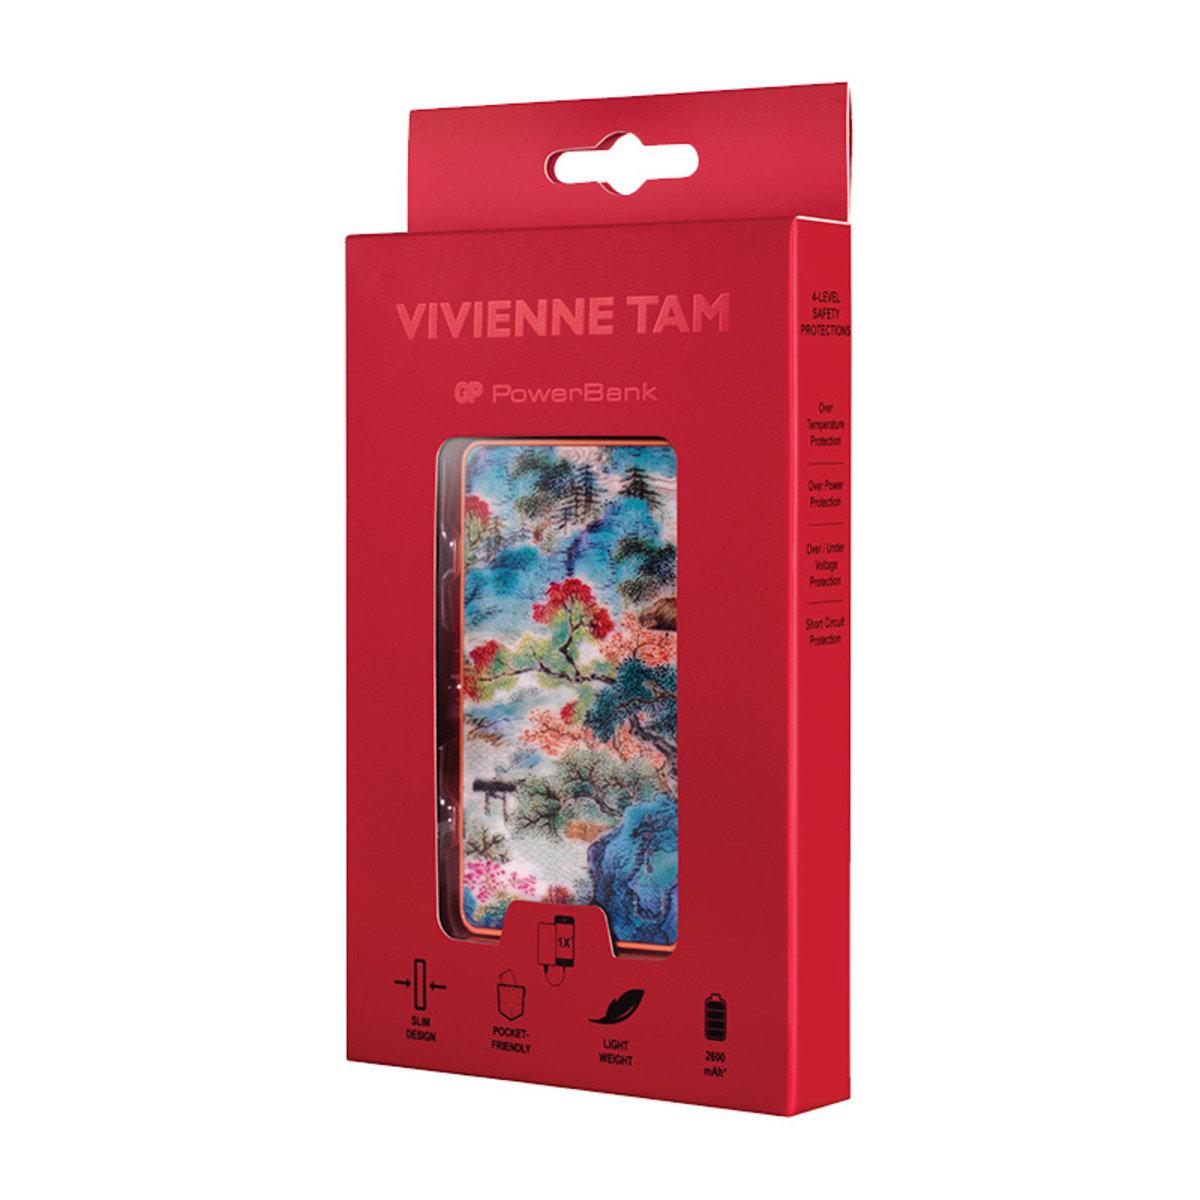 Vivienne Tam x GP限量版儲電寶P326 2600 mAh - 亭台樓閣